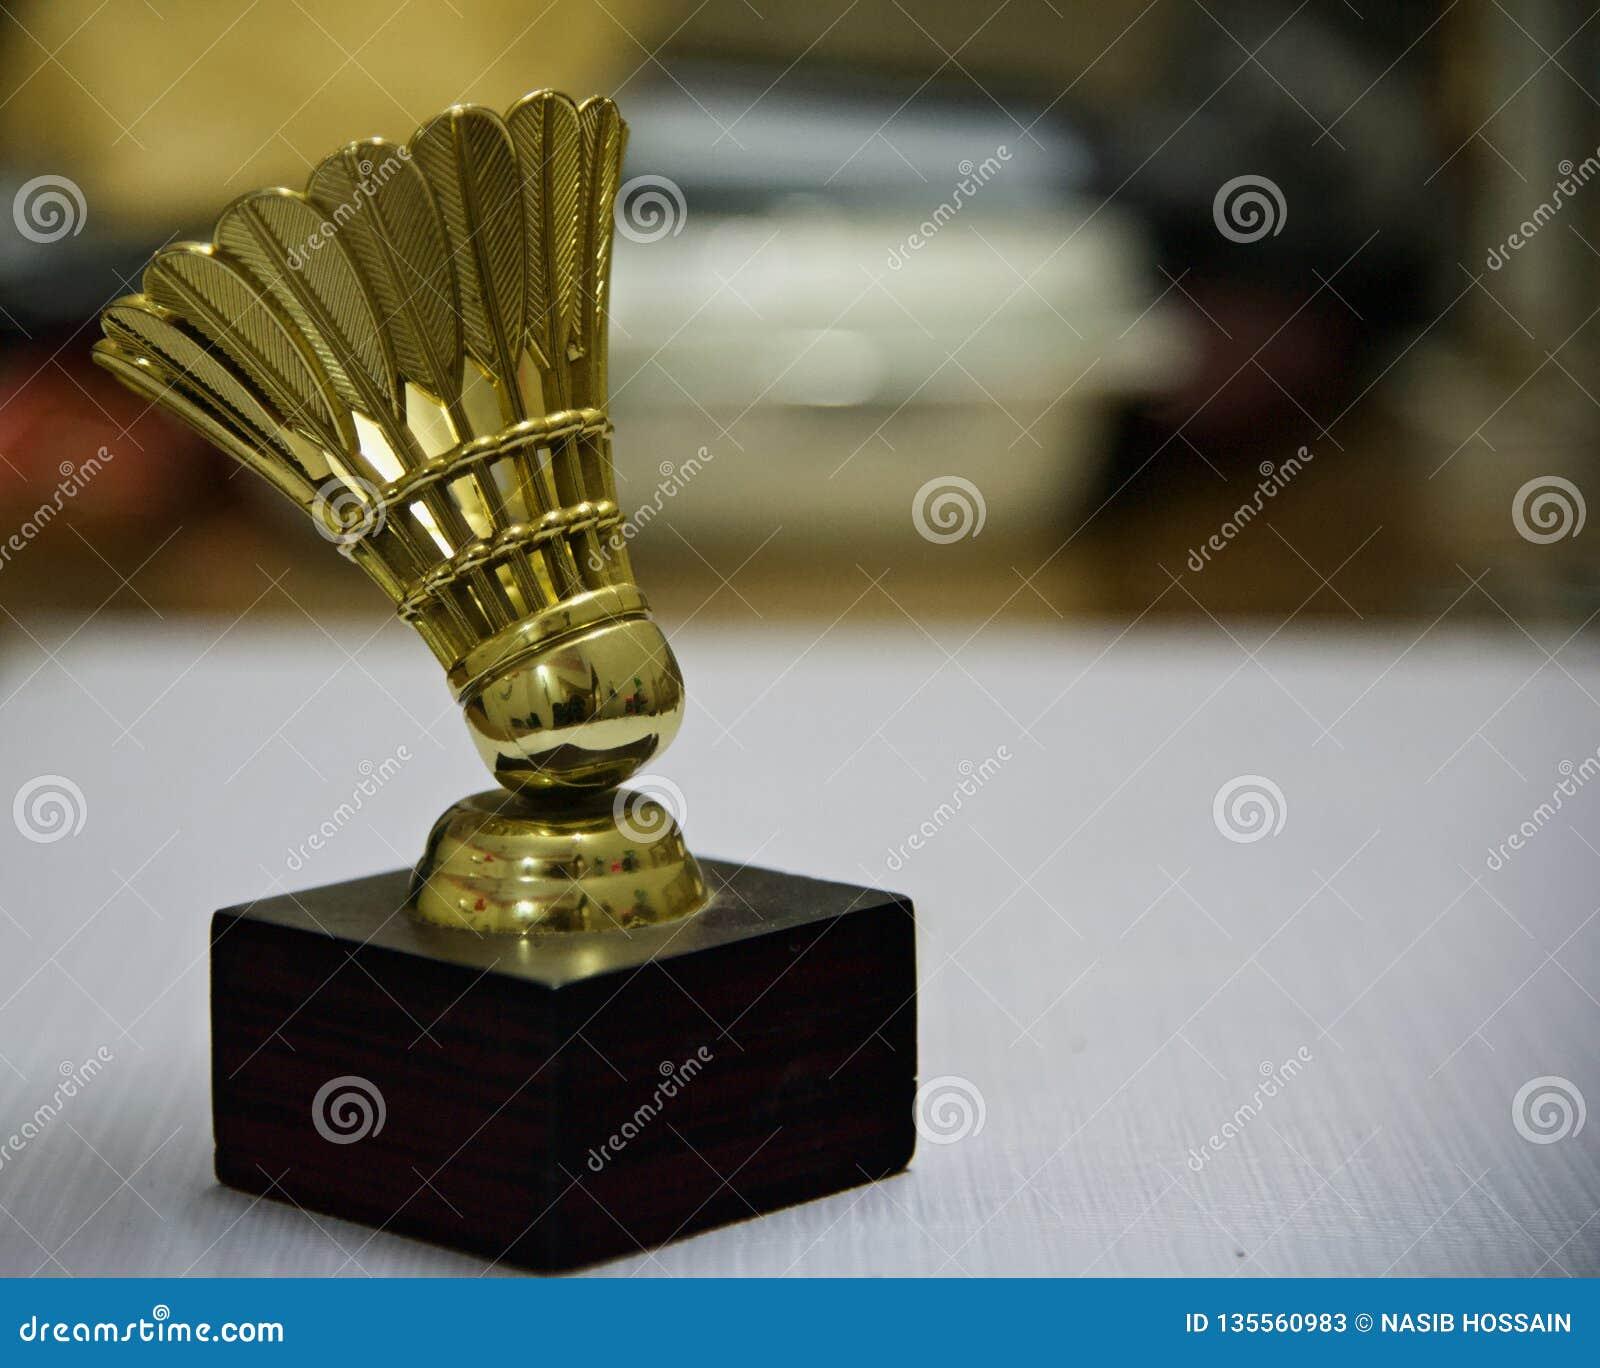 A metallic artificial badminton cork